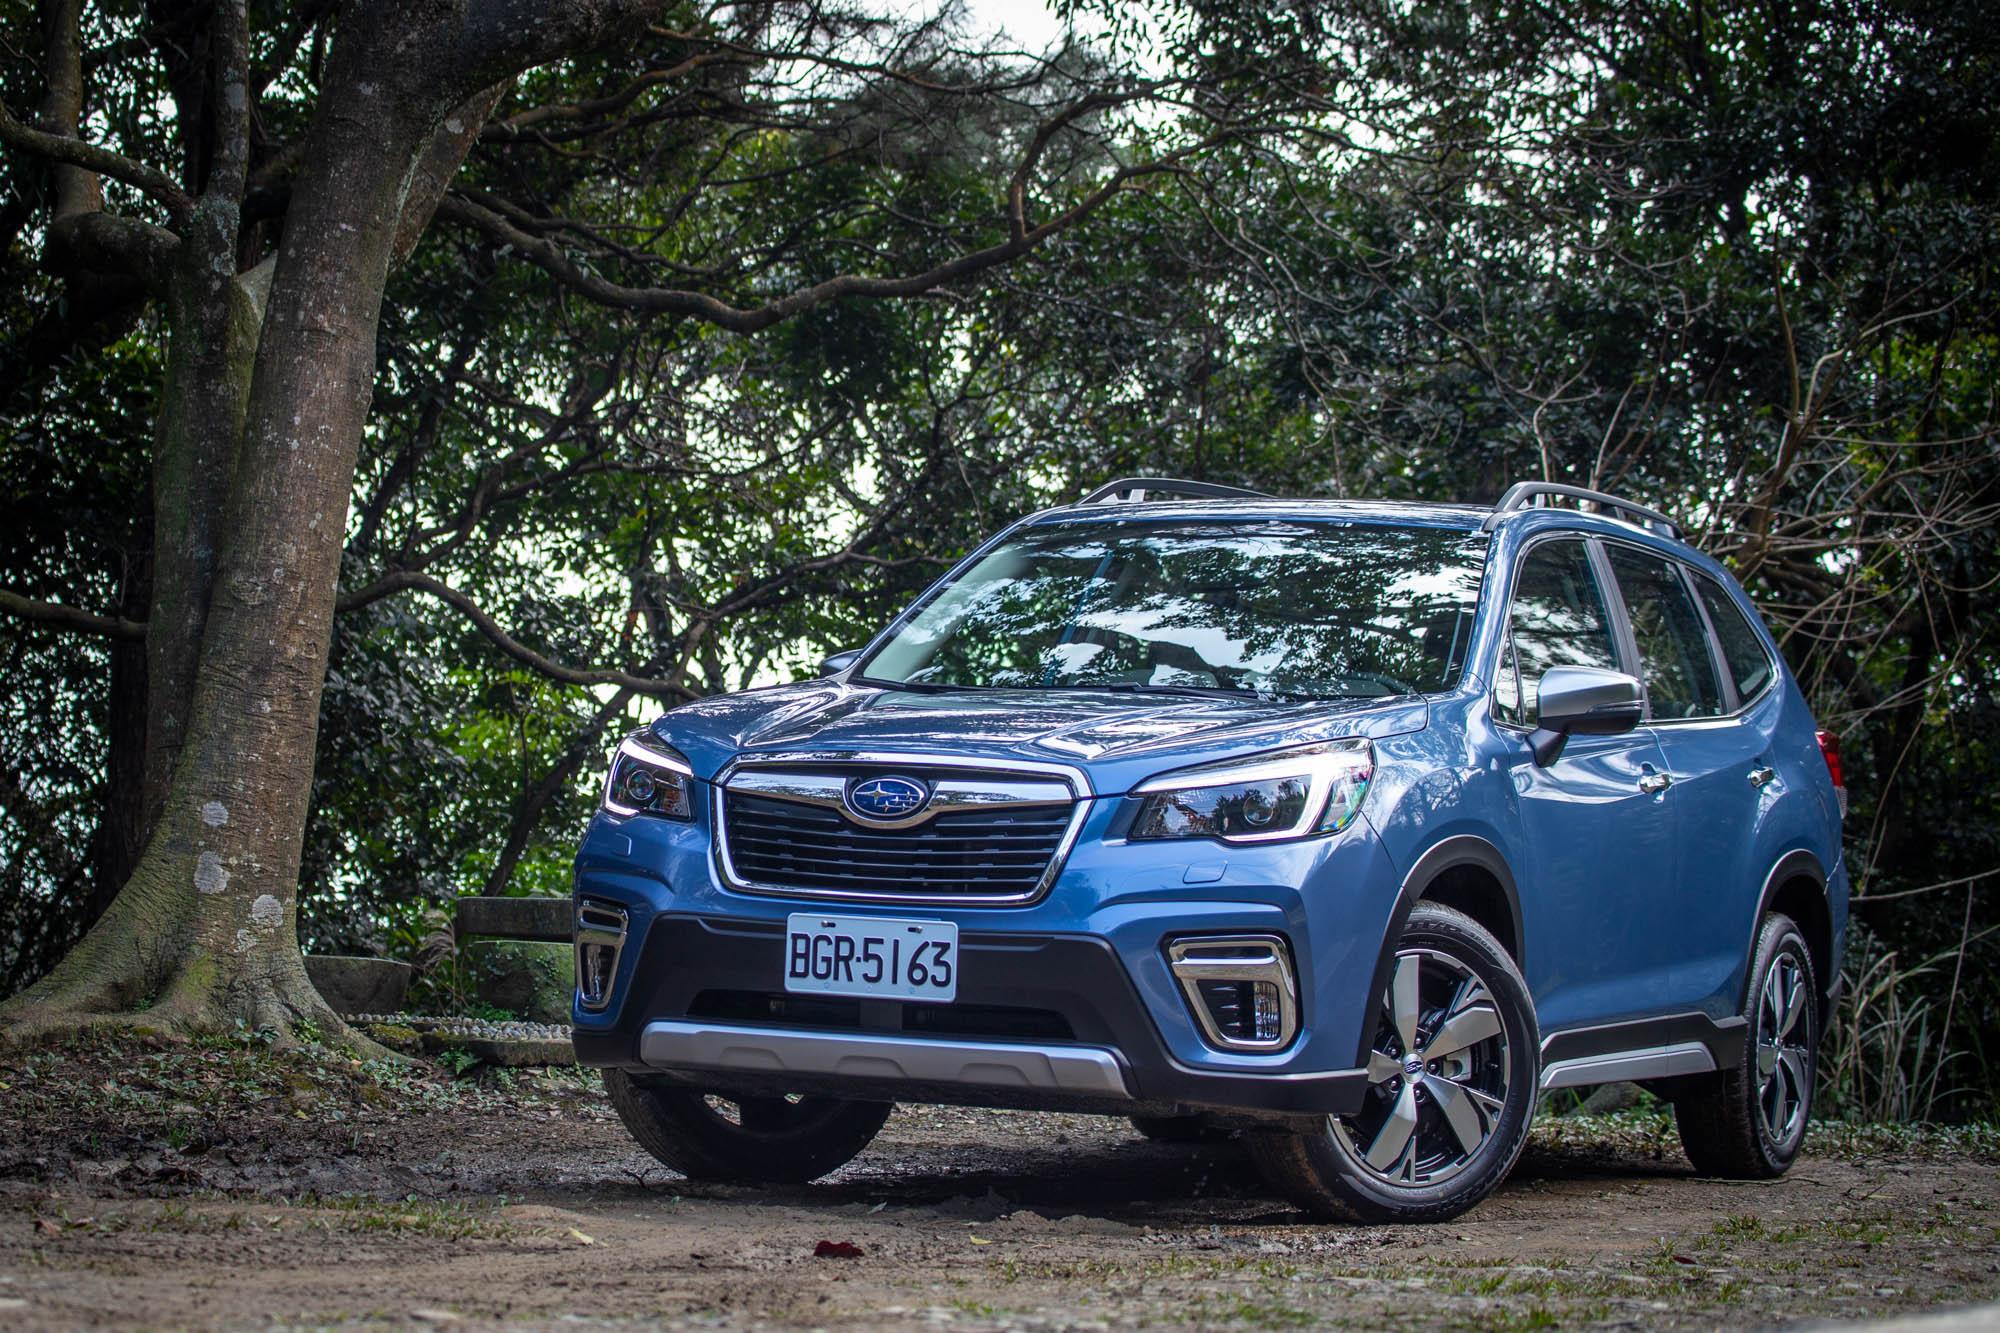 試駕車款為 2021 年式 Subaru Forester 2.0i-S Eyesight,售價為新台幣 112.8 萬。